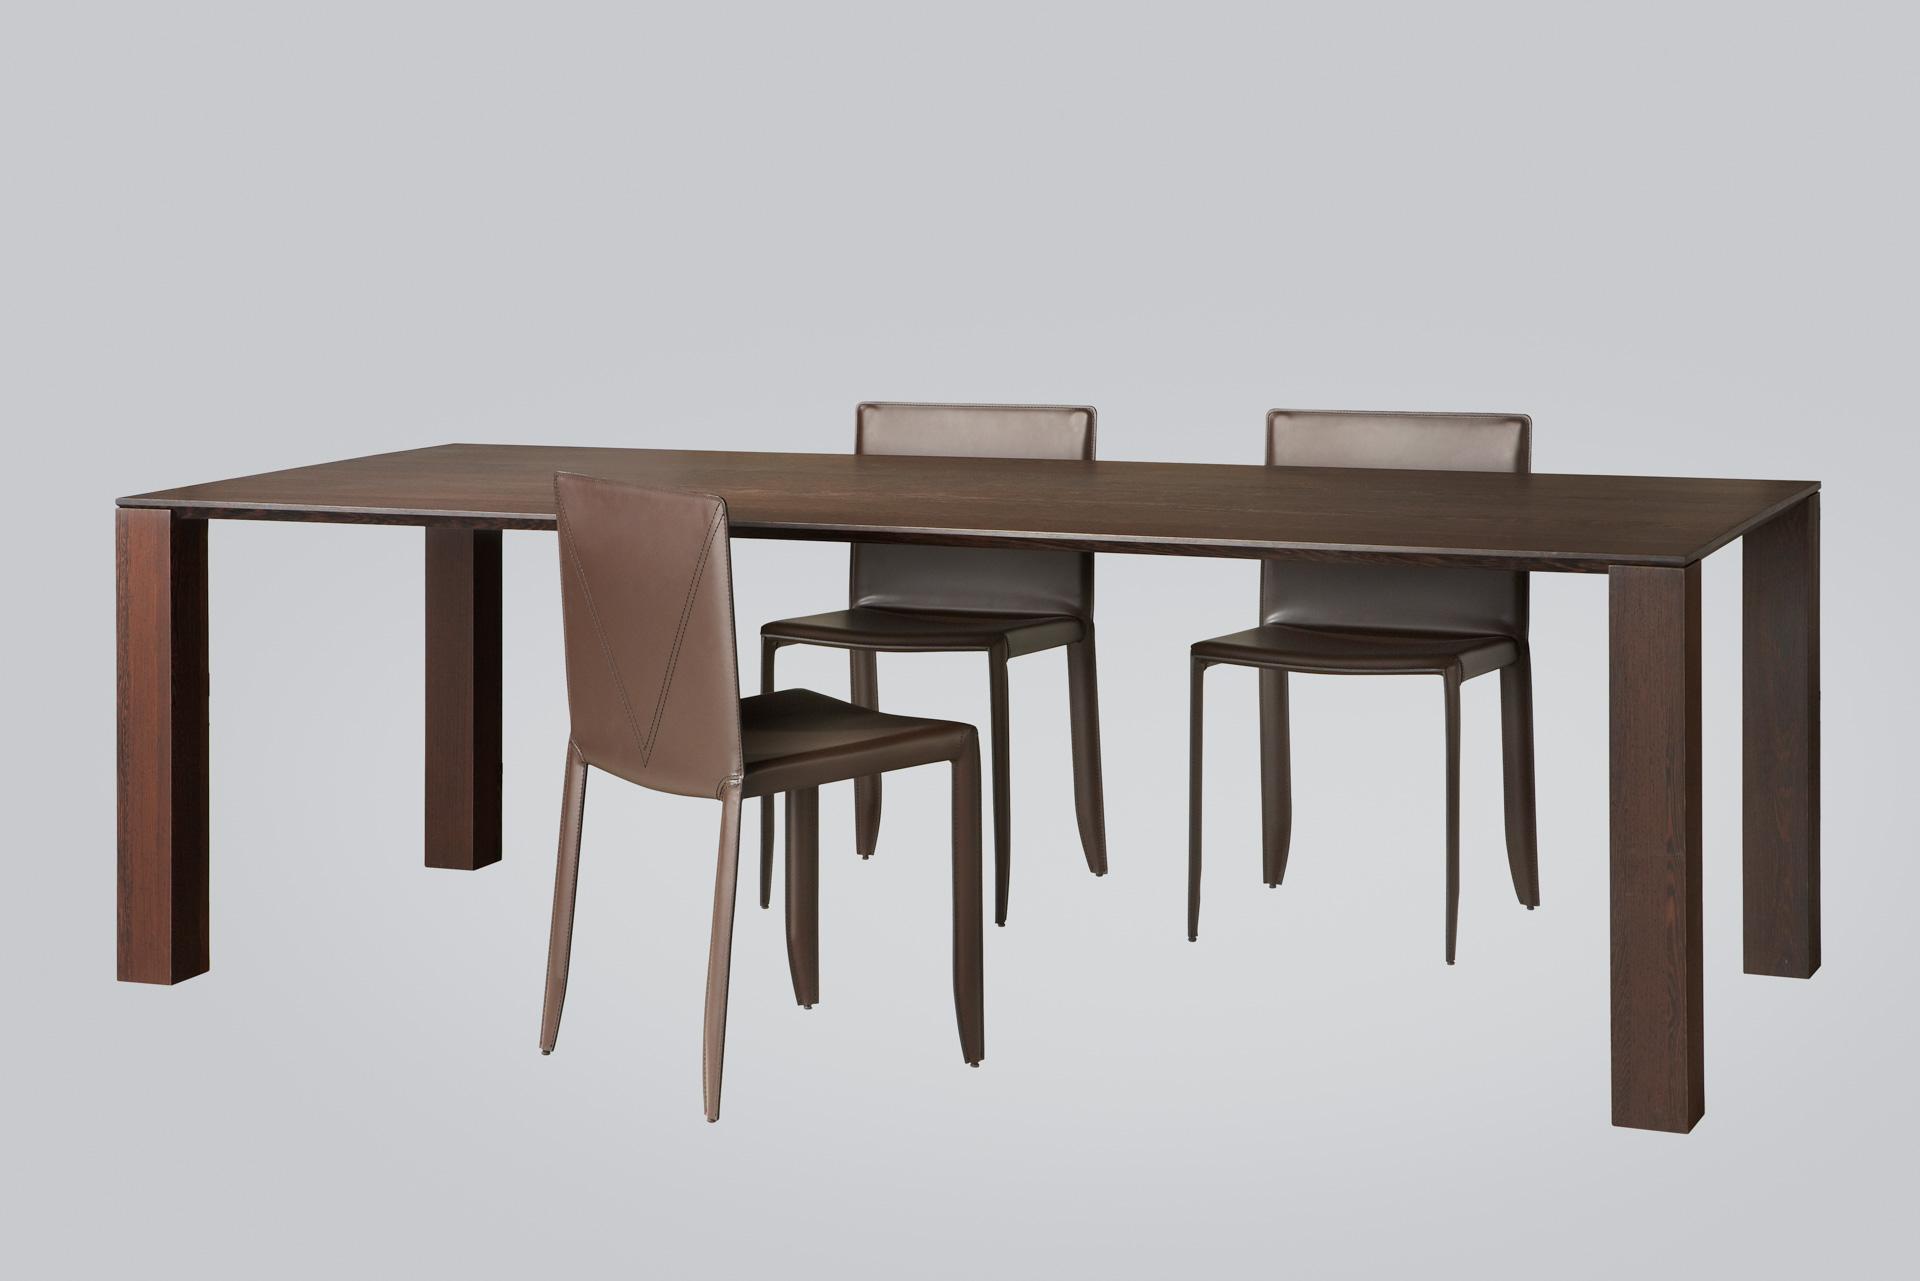 Product foto van grote donkere eettafel met stoelen